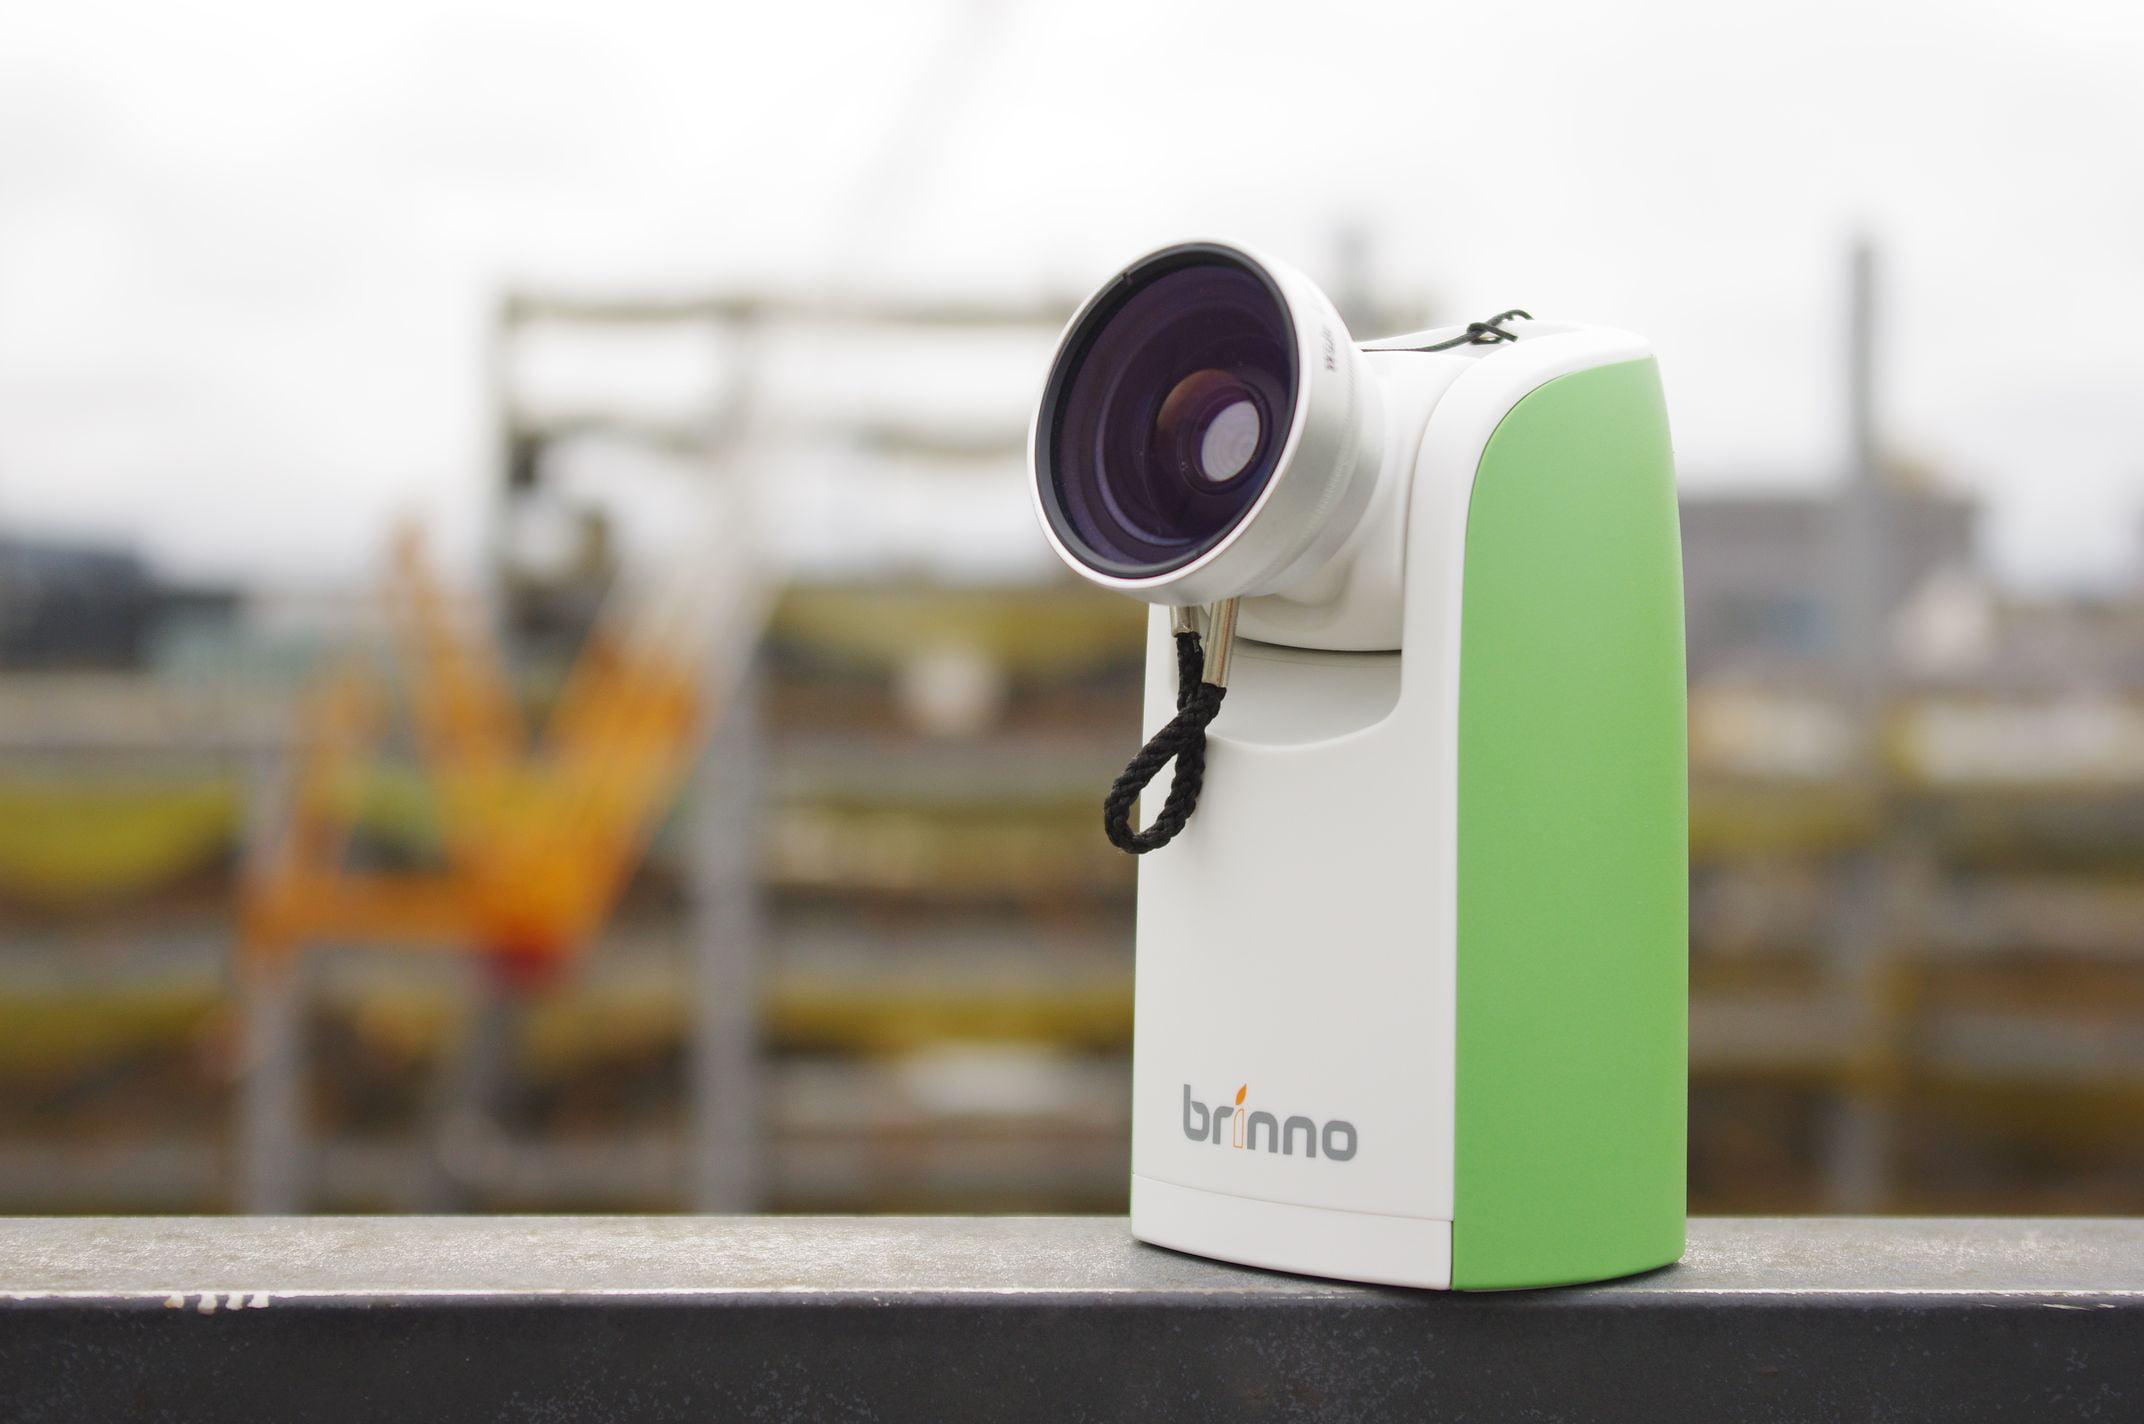 Camera - about camera